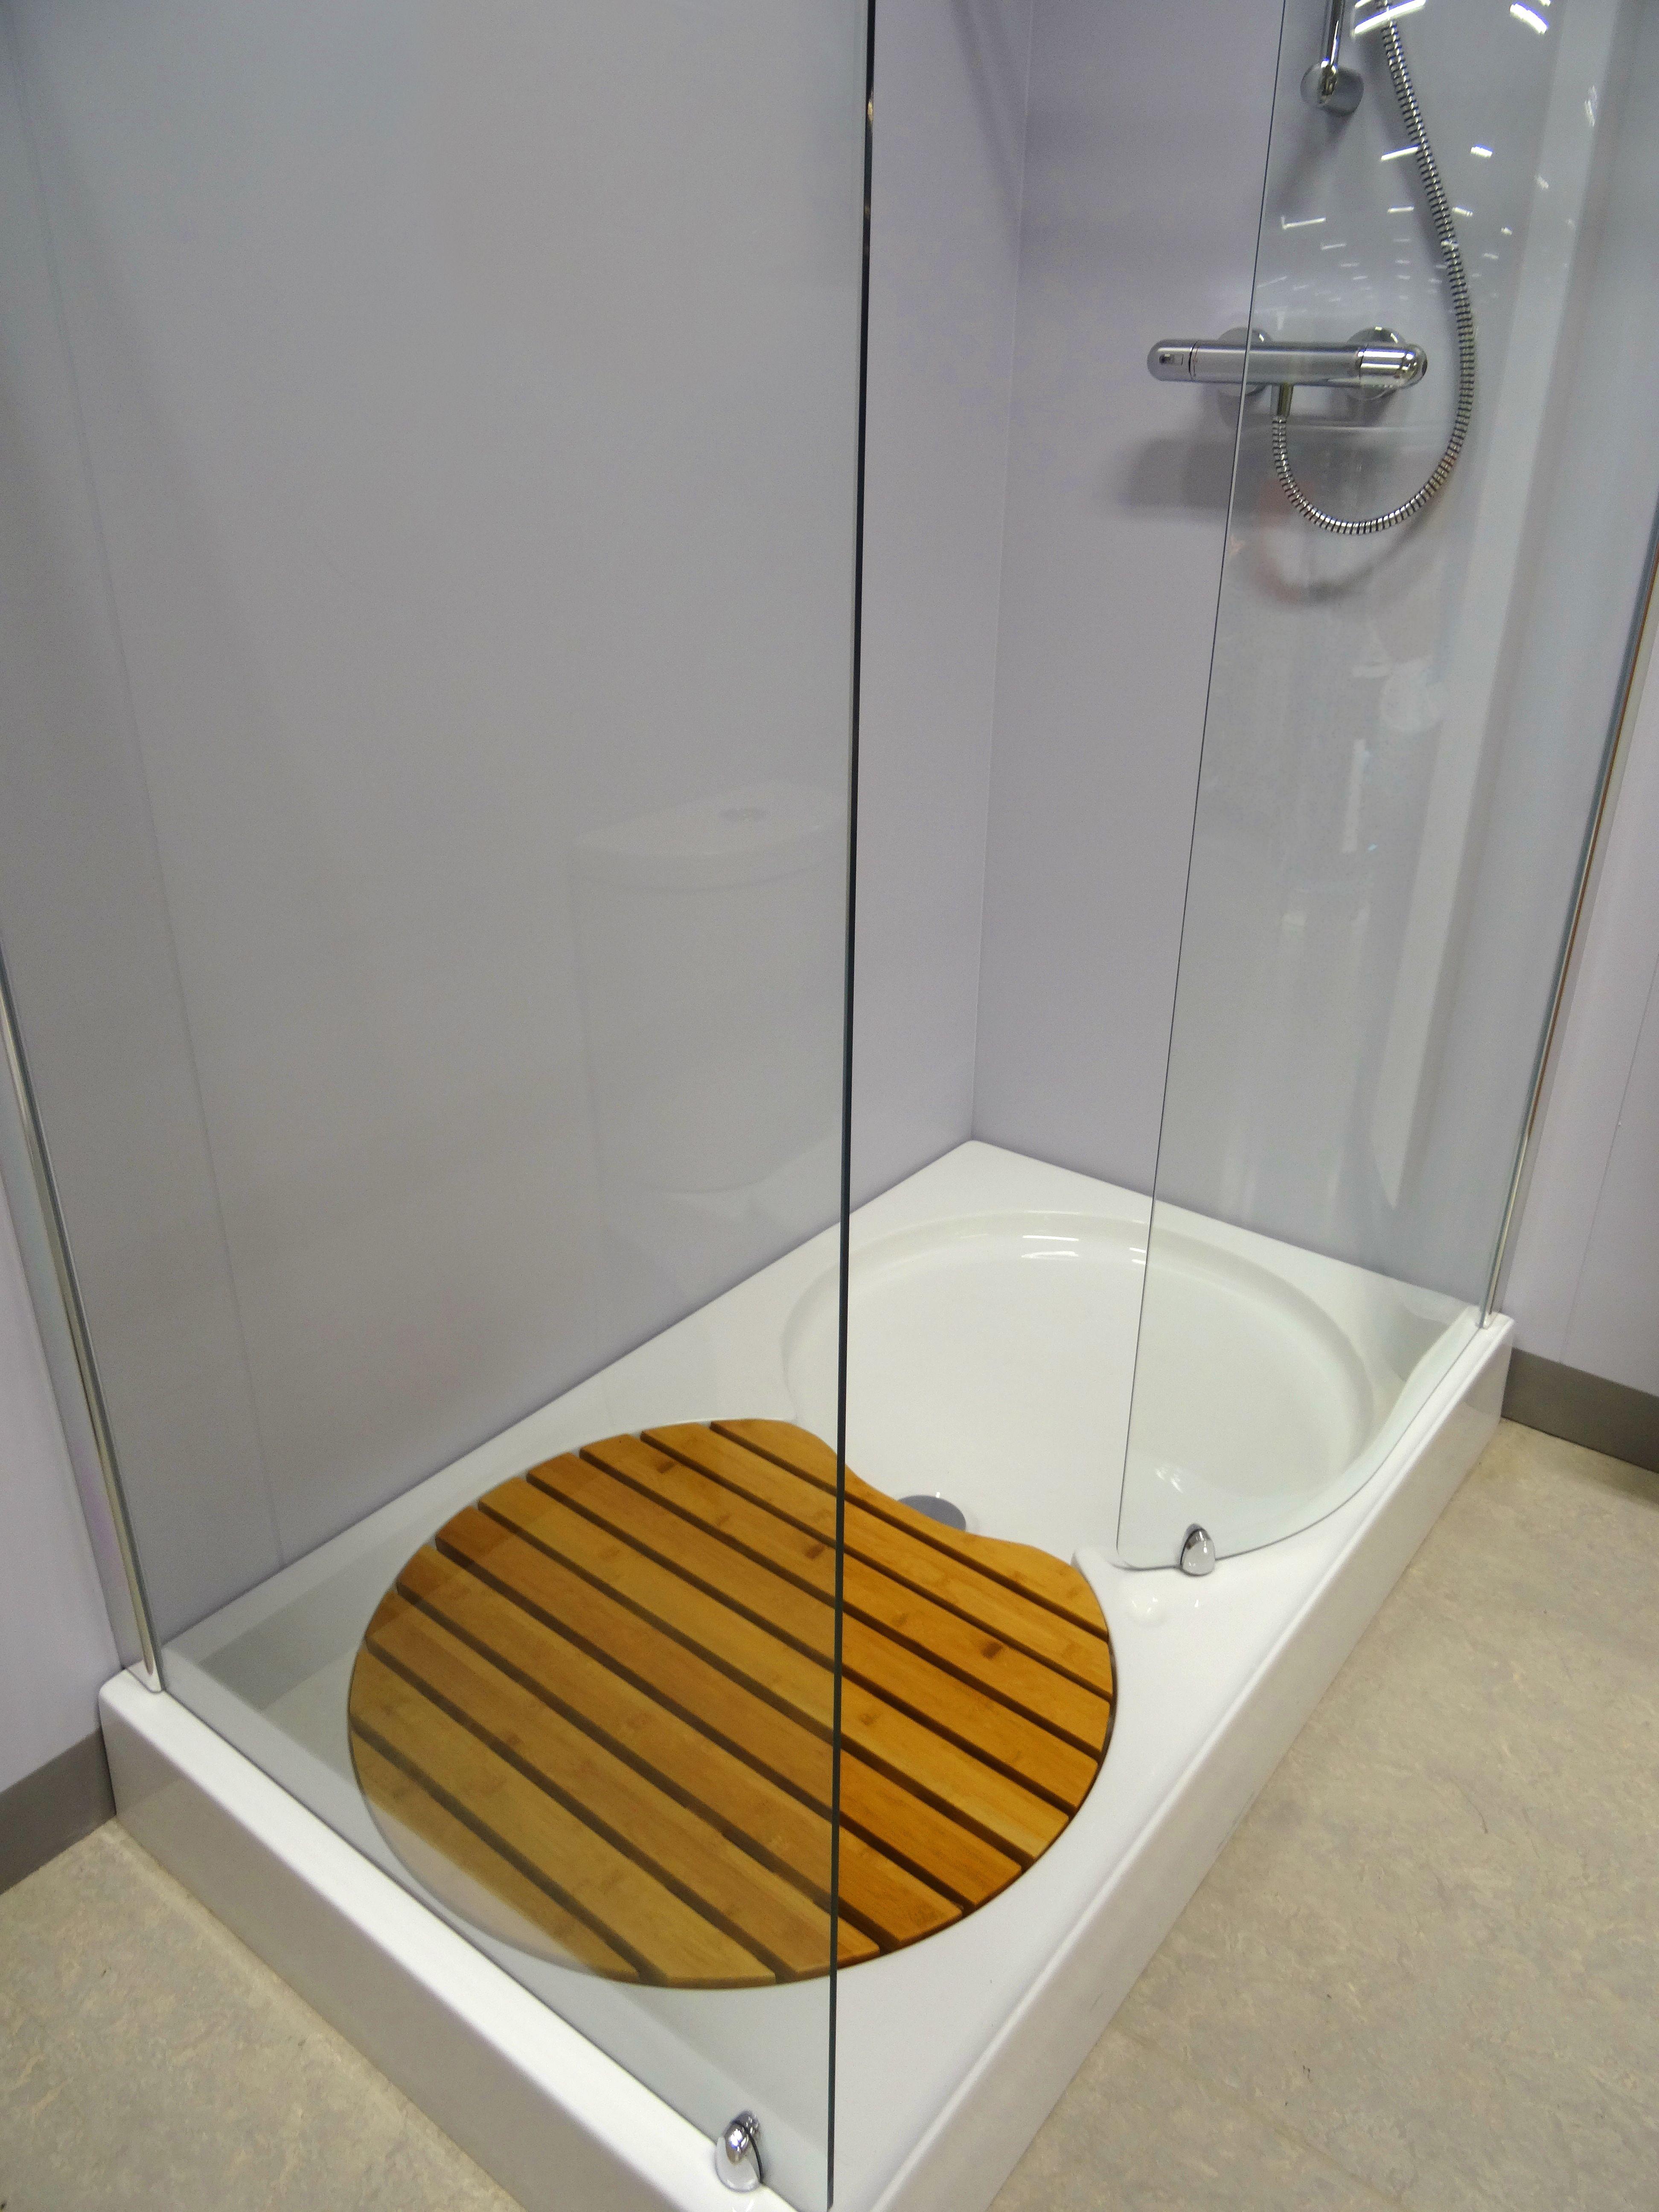 Mamparas de baño: Productos y servicios de Cristalería Santanderina